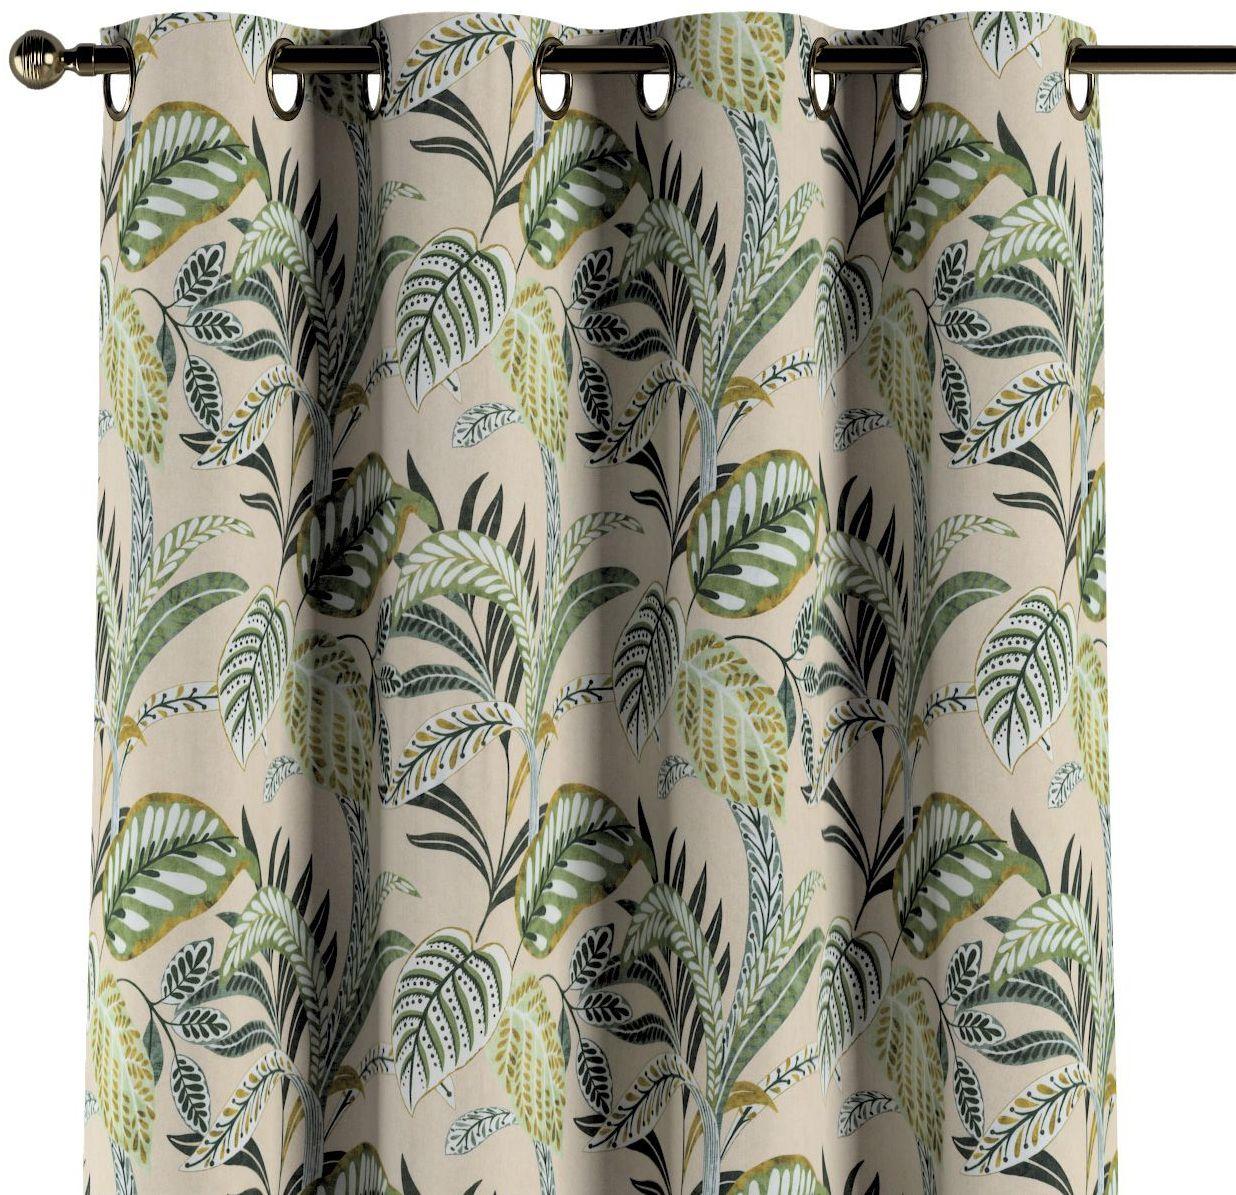 Zasłona na kółkach 1 szt., oliwkowo-zielone liście na lnianym tle, 1szt 130  260 cm, Tropical Island